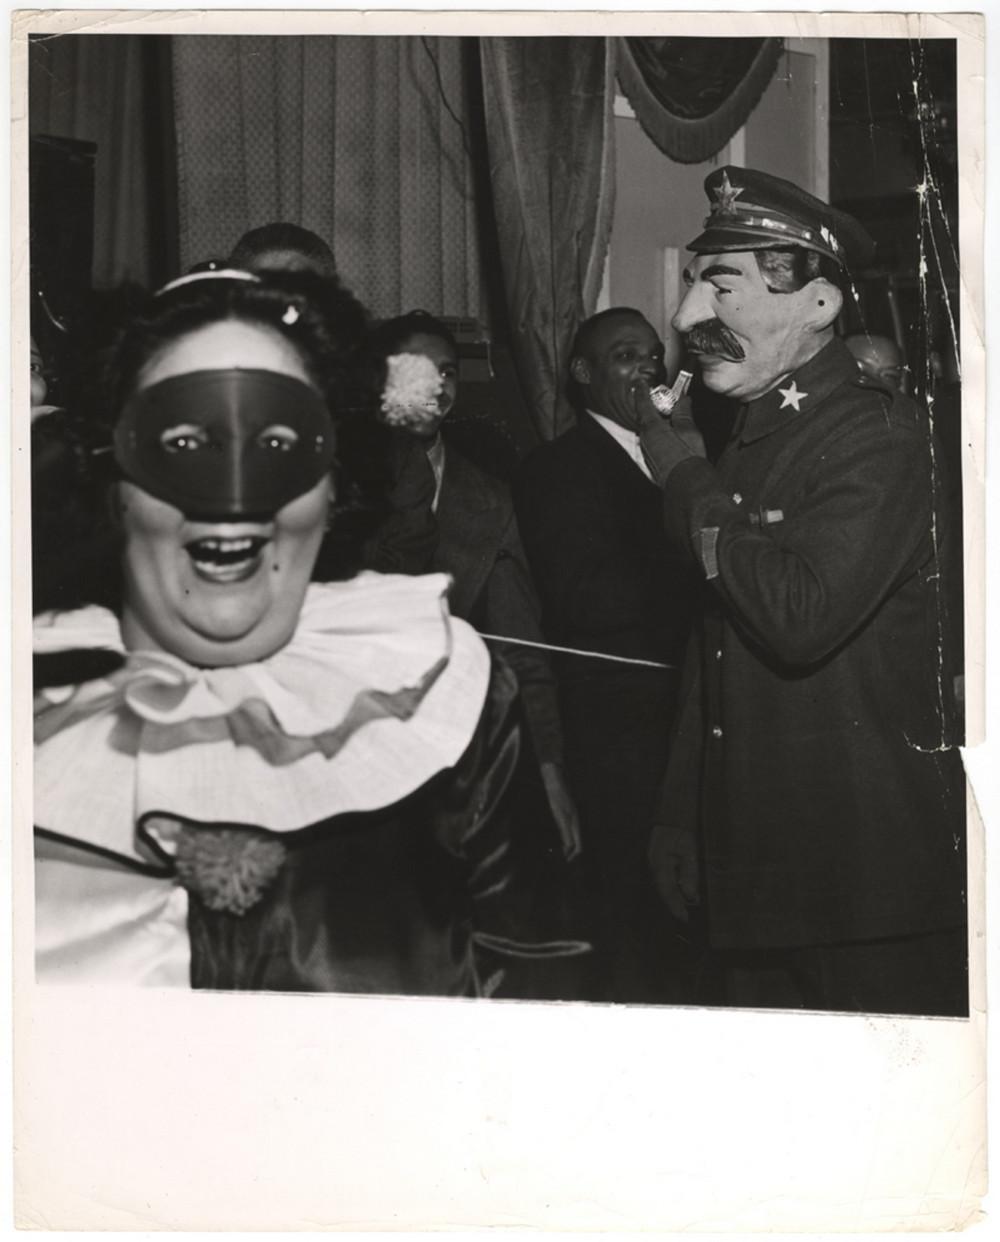 Бал-Маскарад Уолдорф Астория Нью-Иорк 1943